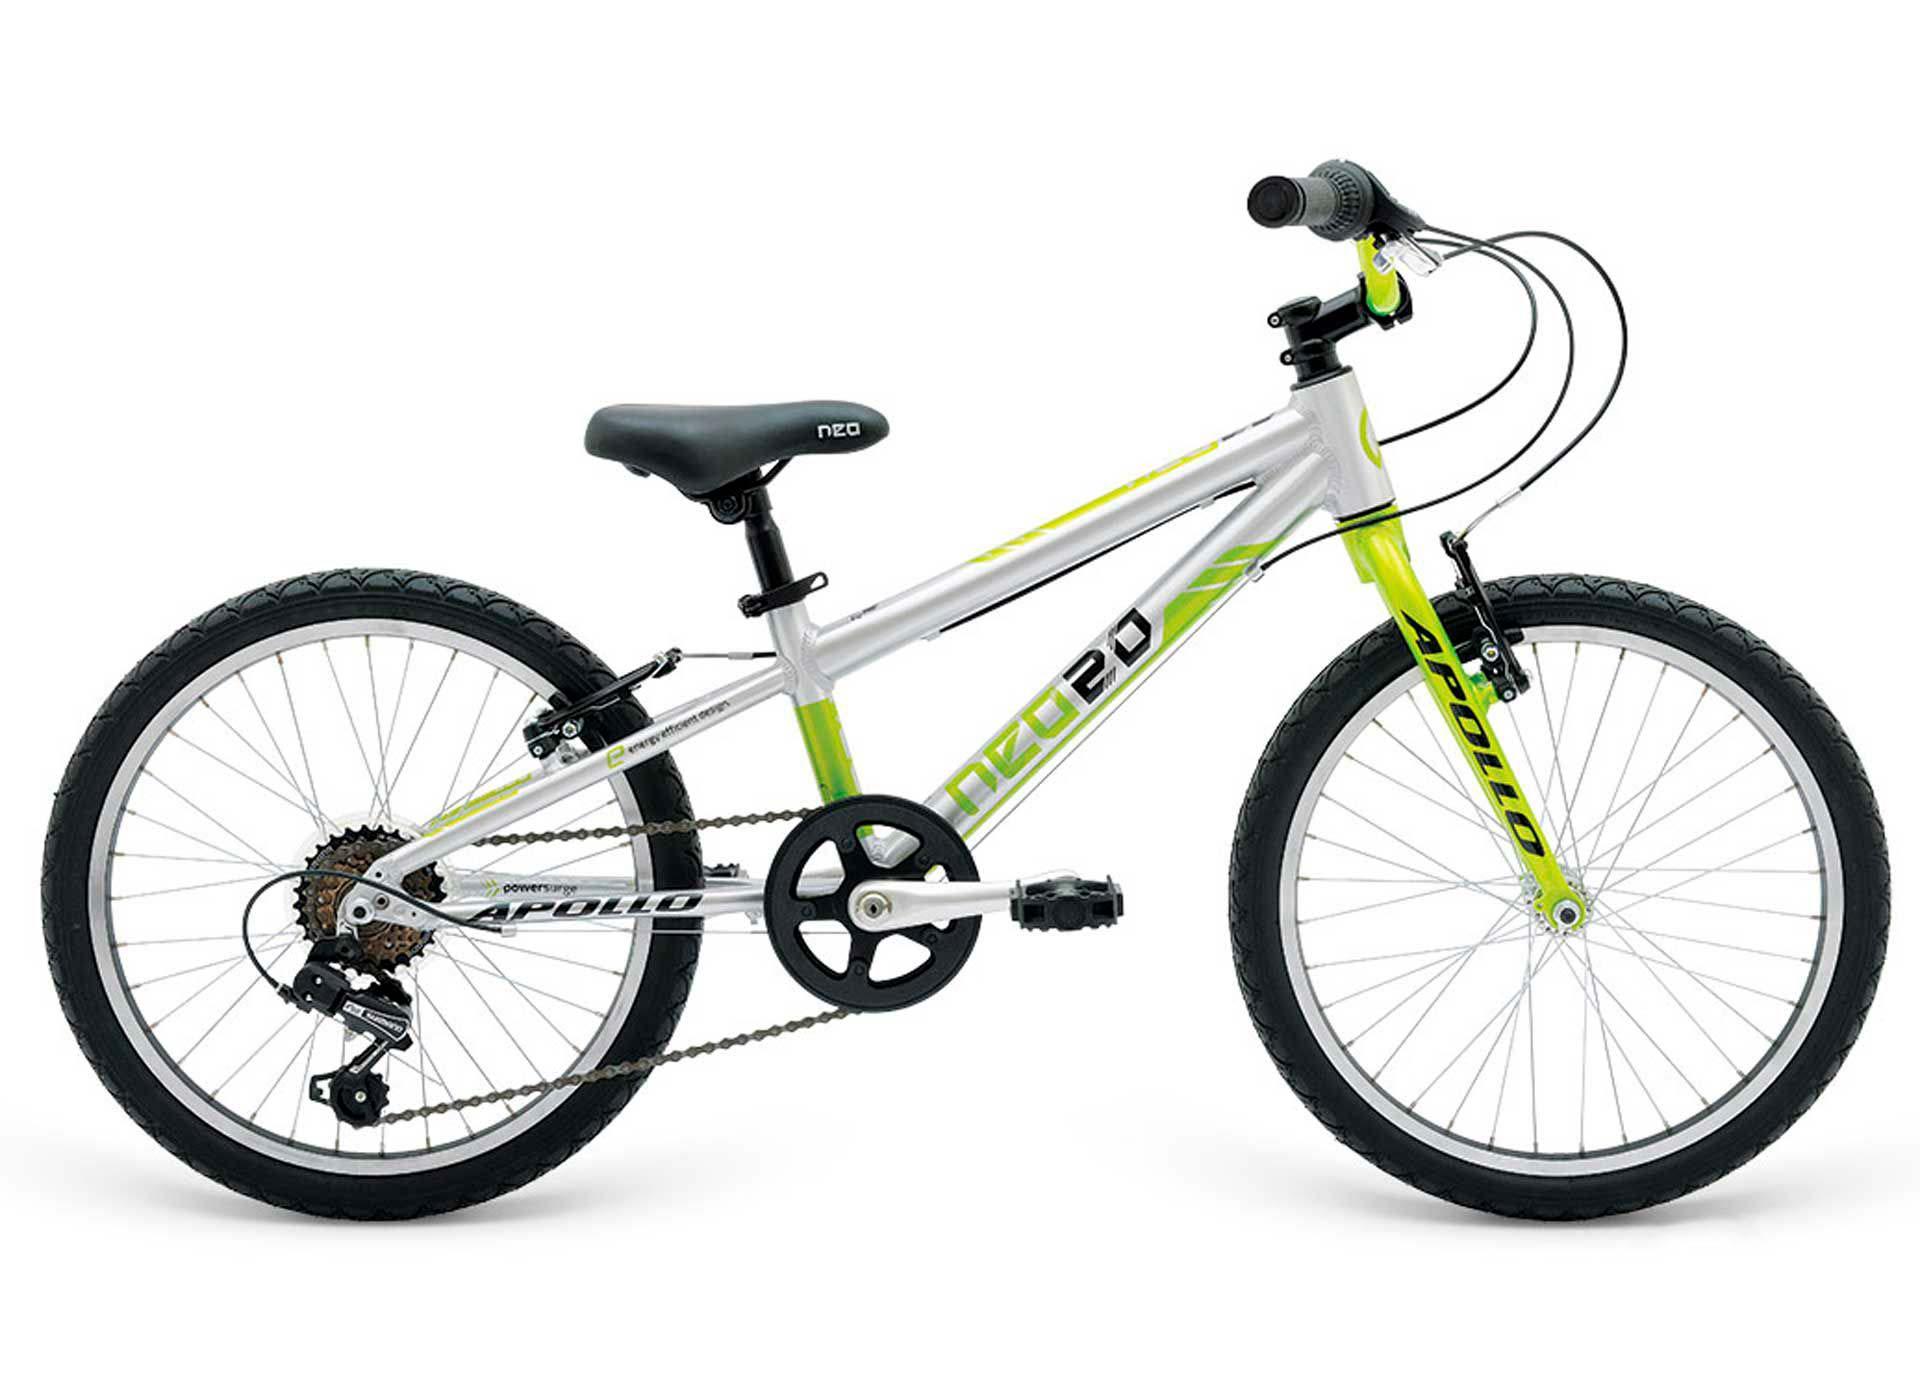 Велосипед 20 Apollo Neo 6s boys Brushed Alloy / Lime / Black 2018